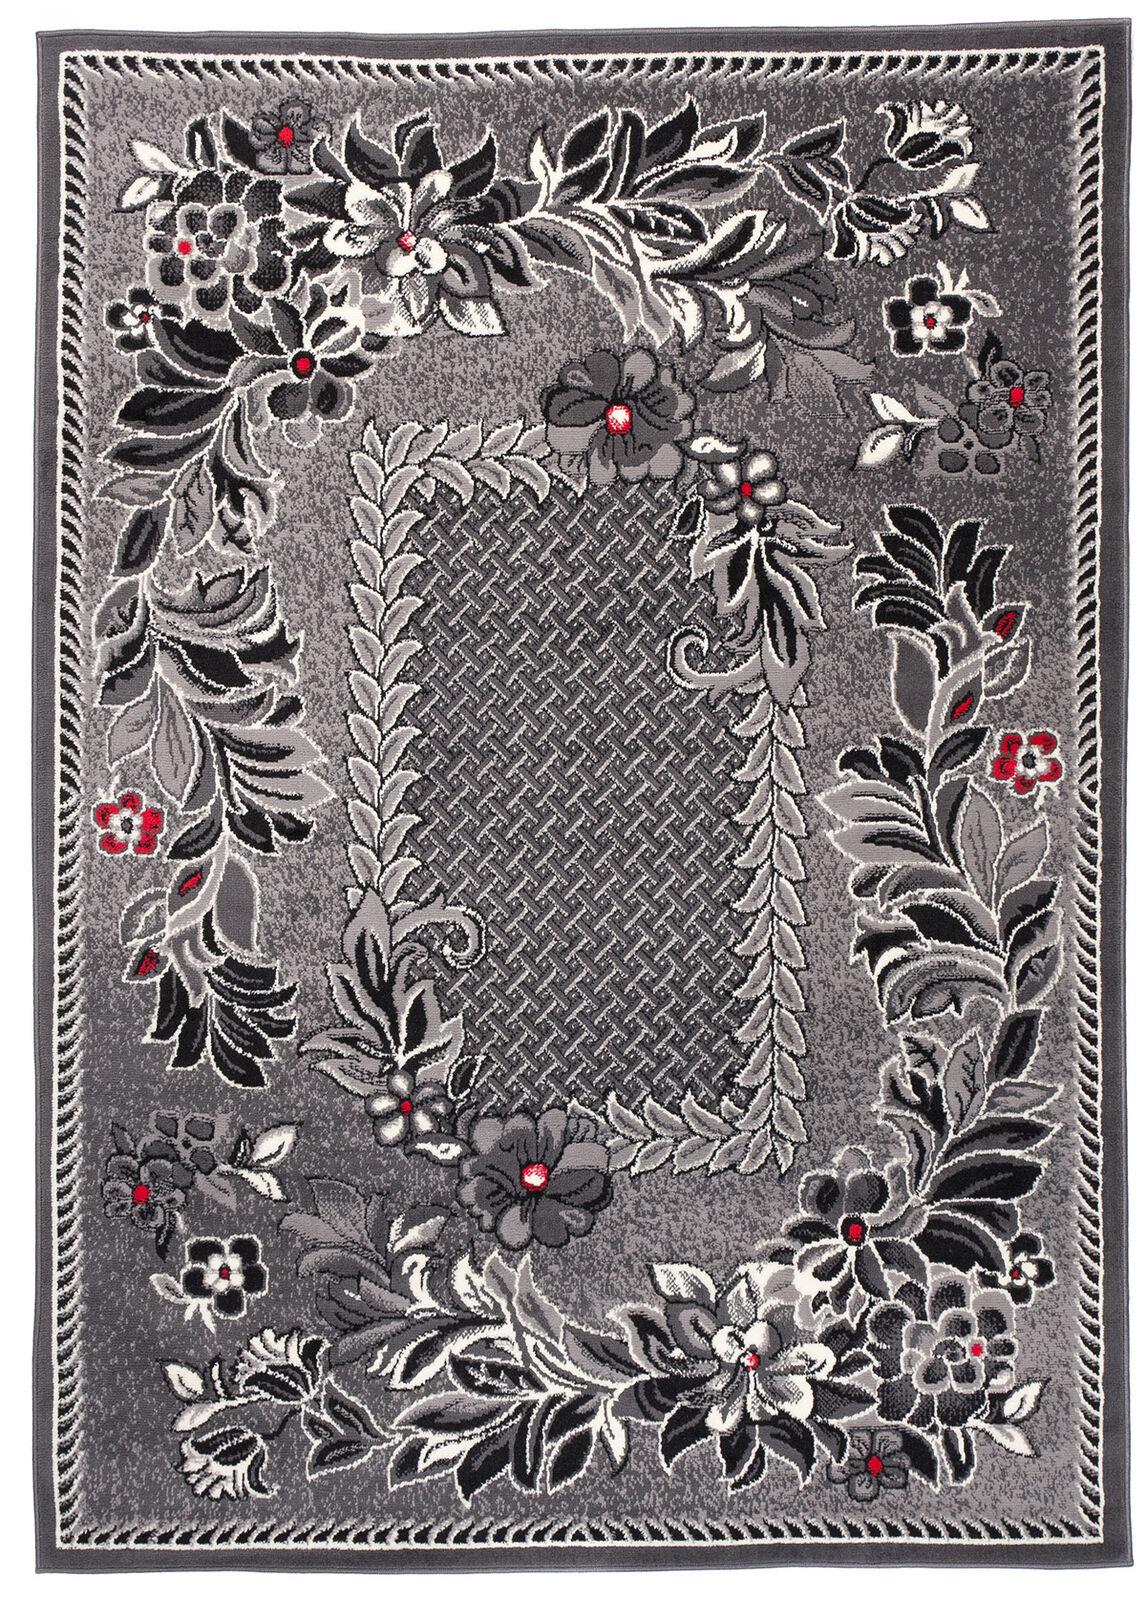 Teppich Wohnzimmer Grau Modern Blaumen S-XXL Kurzflor Kurzflor Kurzflor 160x230 200x300 300x400 801656